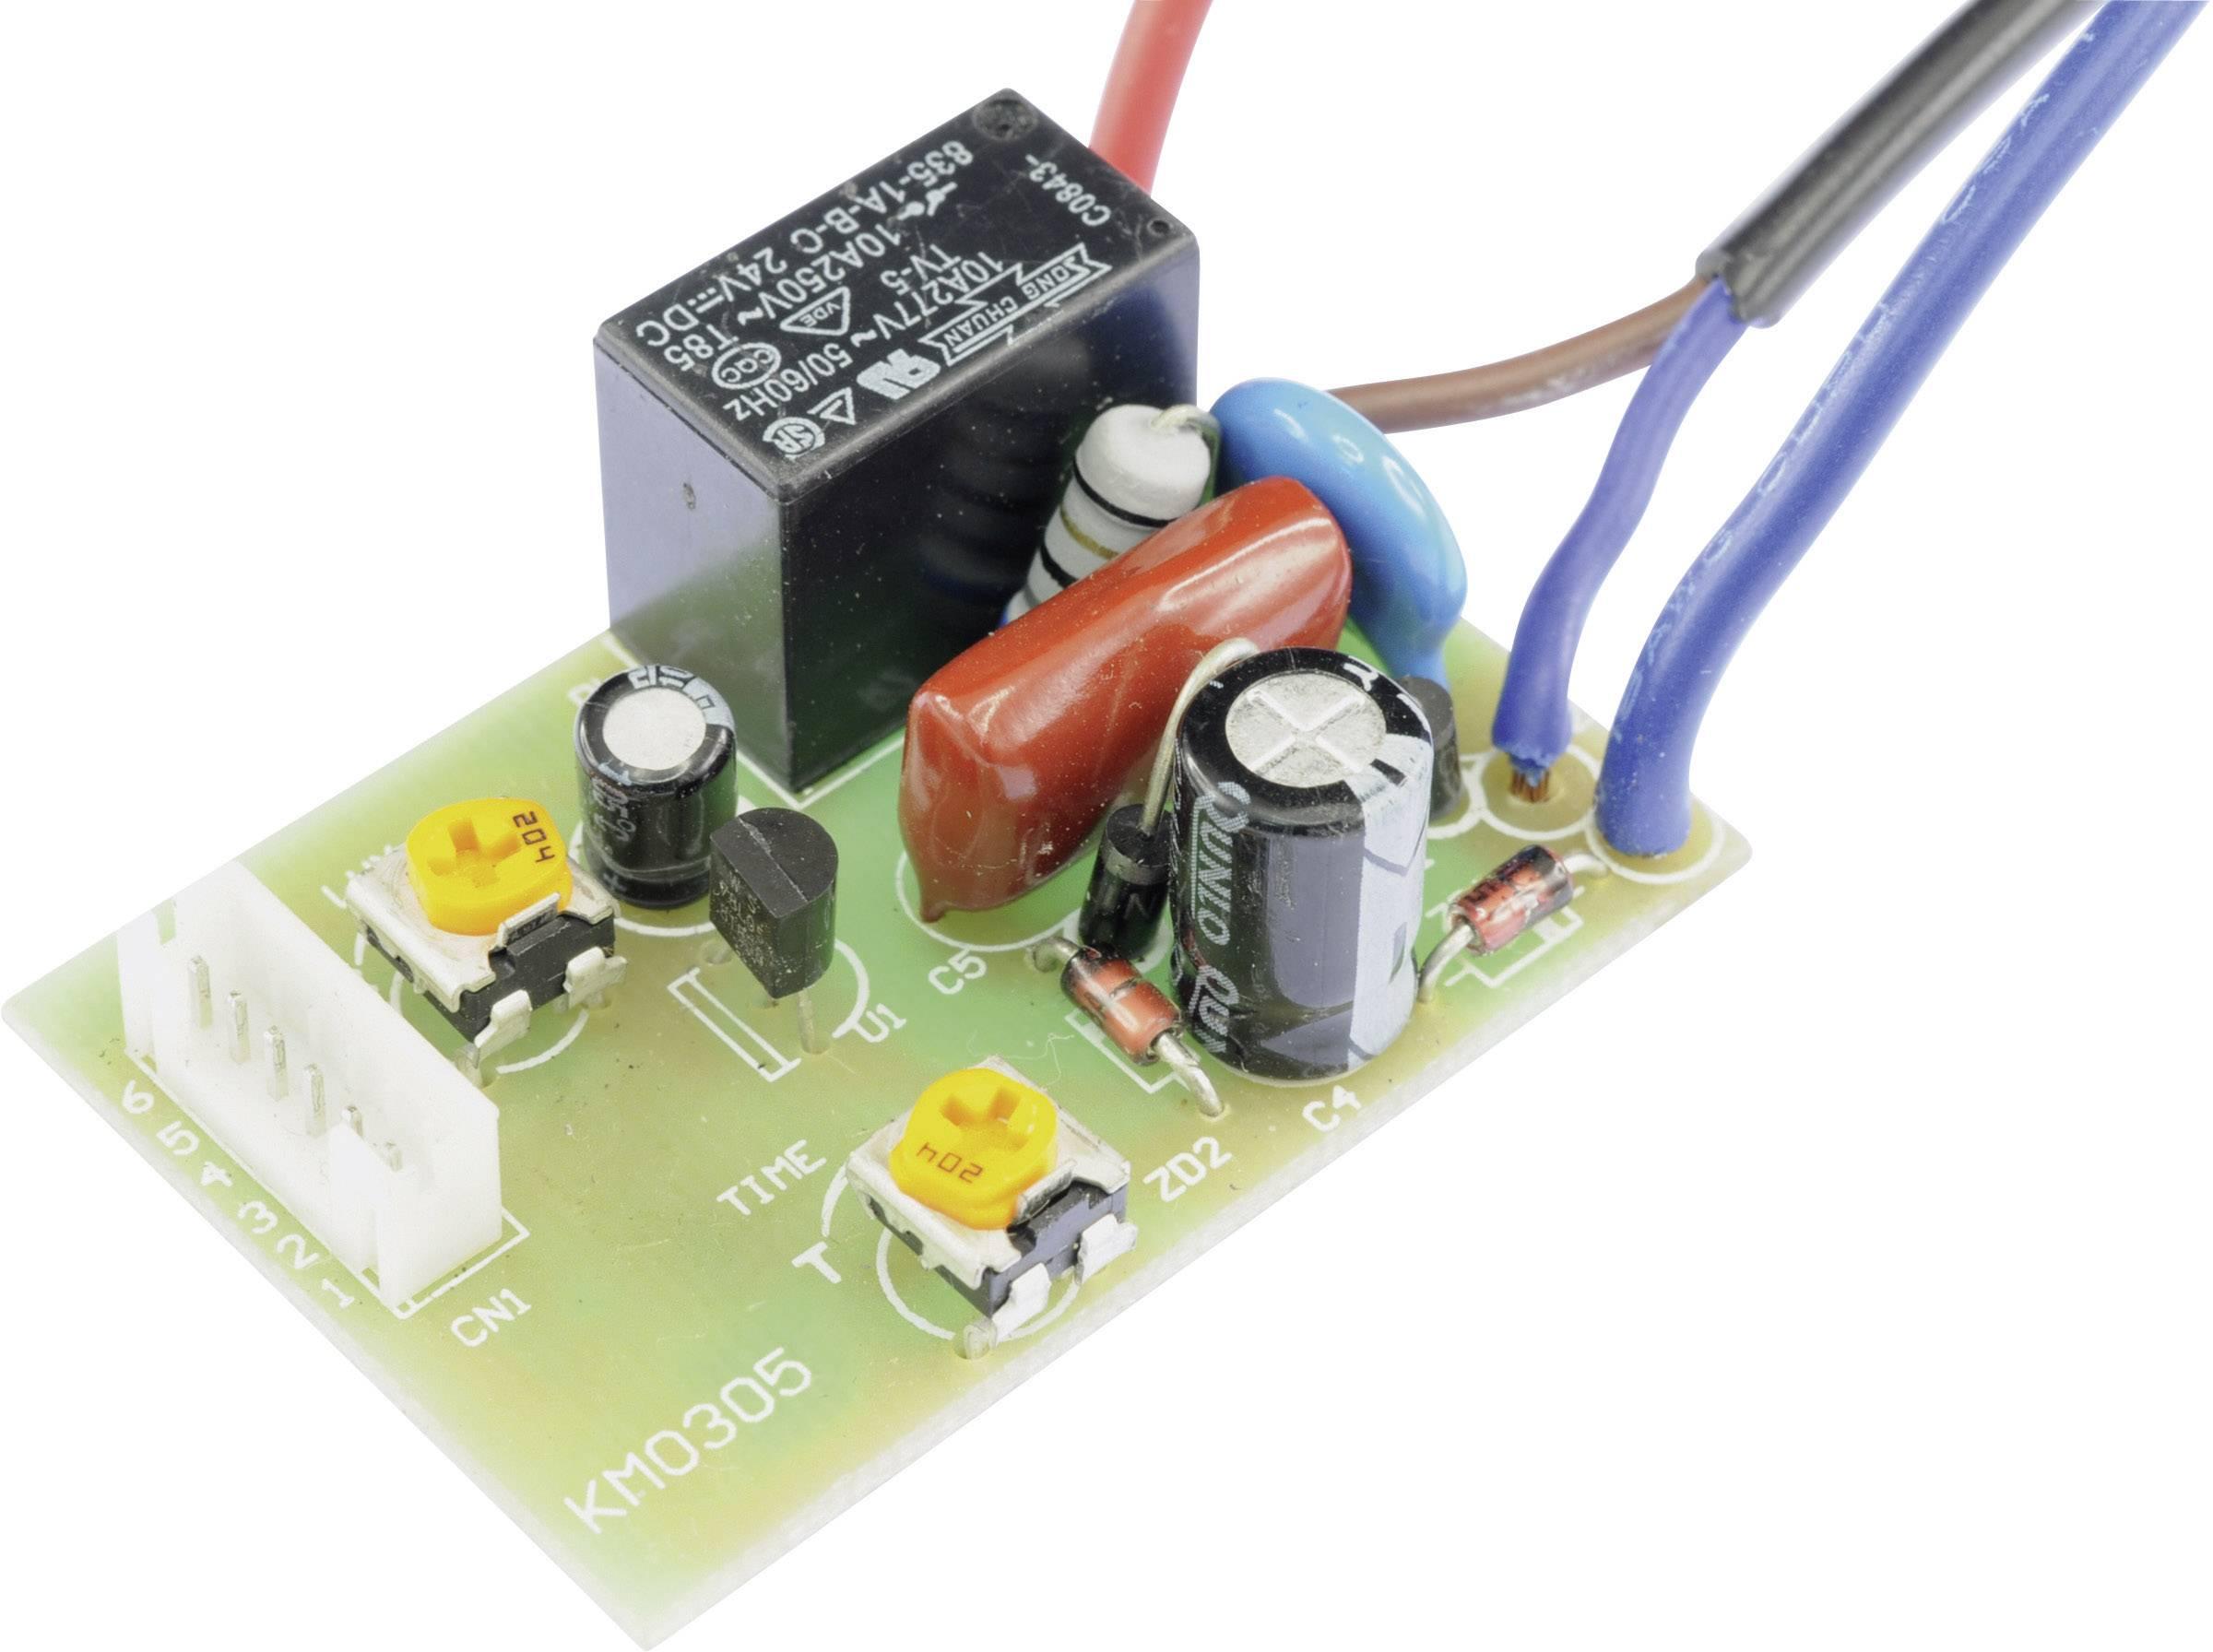 Riadiaca elektronika pre moduly infračerveného snímača IR-AP1, (d x š x v) 48 x 33 x 20 mm, 230 V/50 - 60 Hz